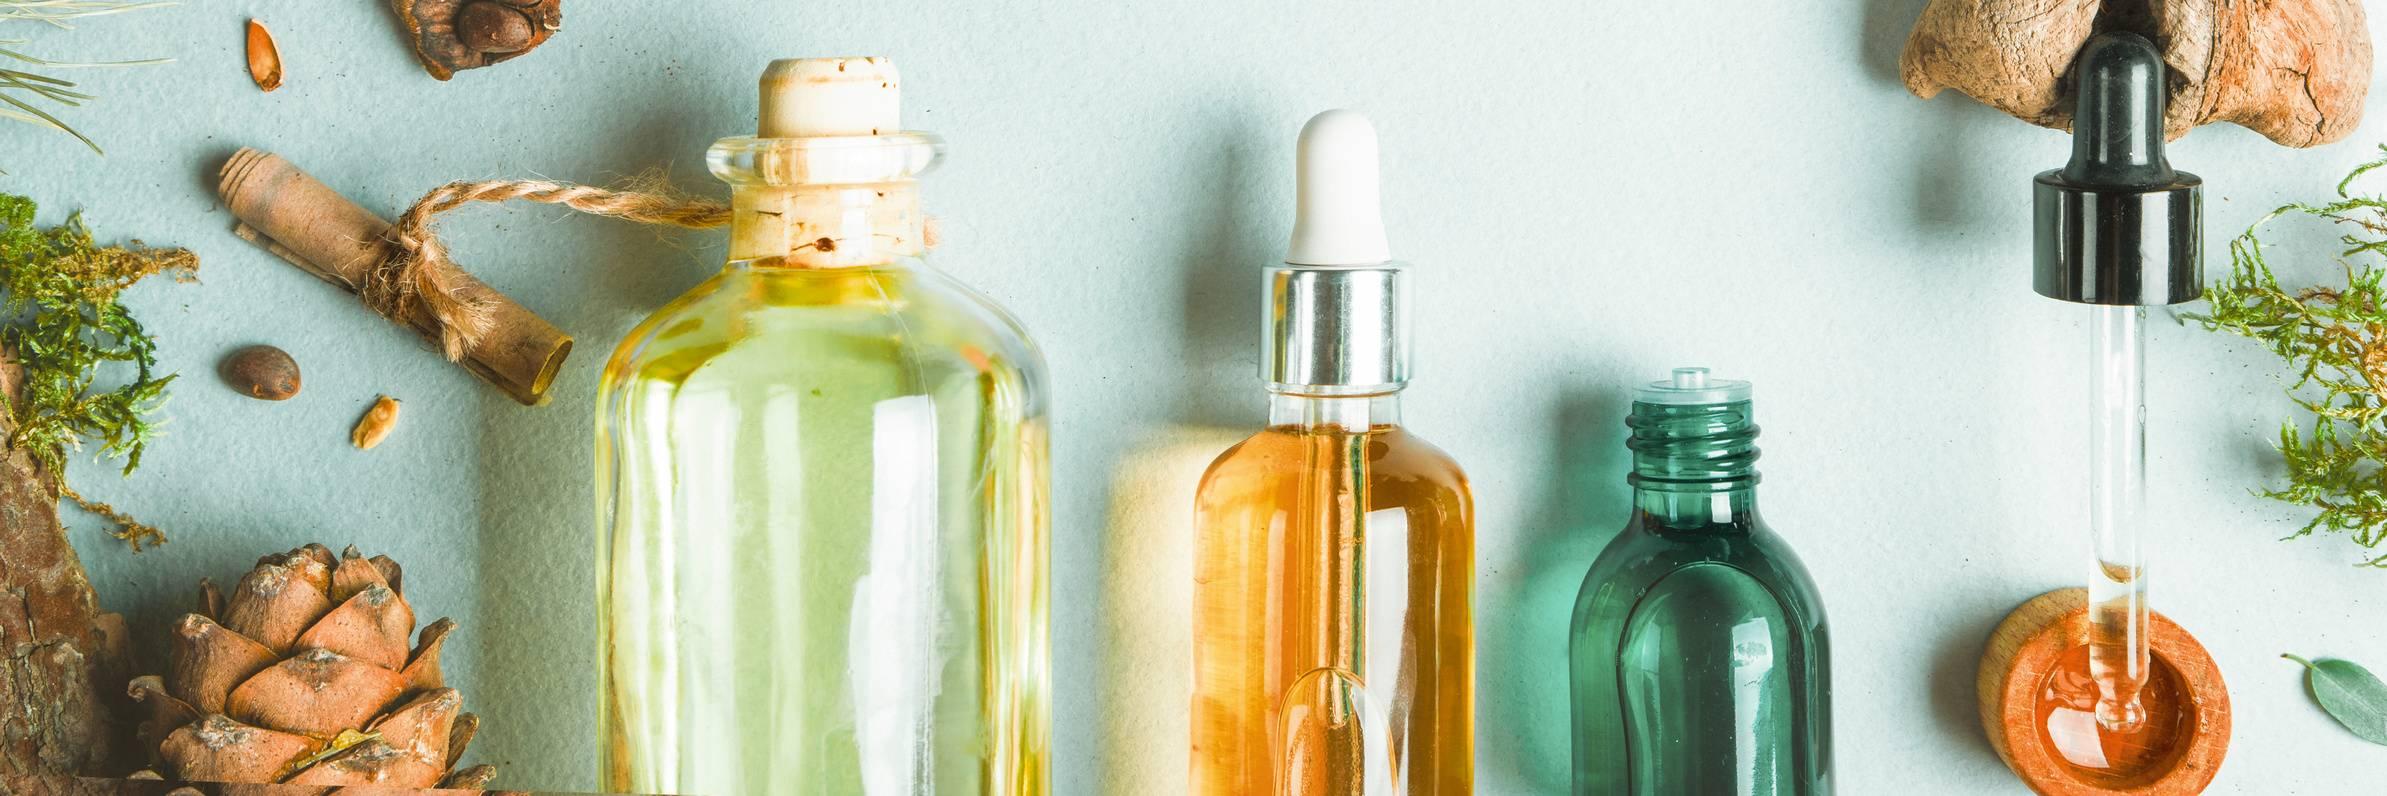 Olejki do włosów - jak olejować włosy?